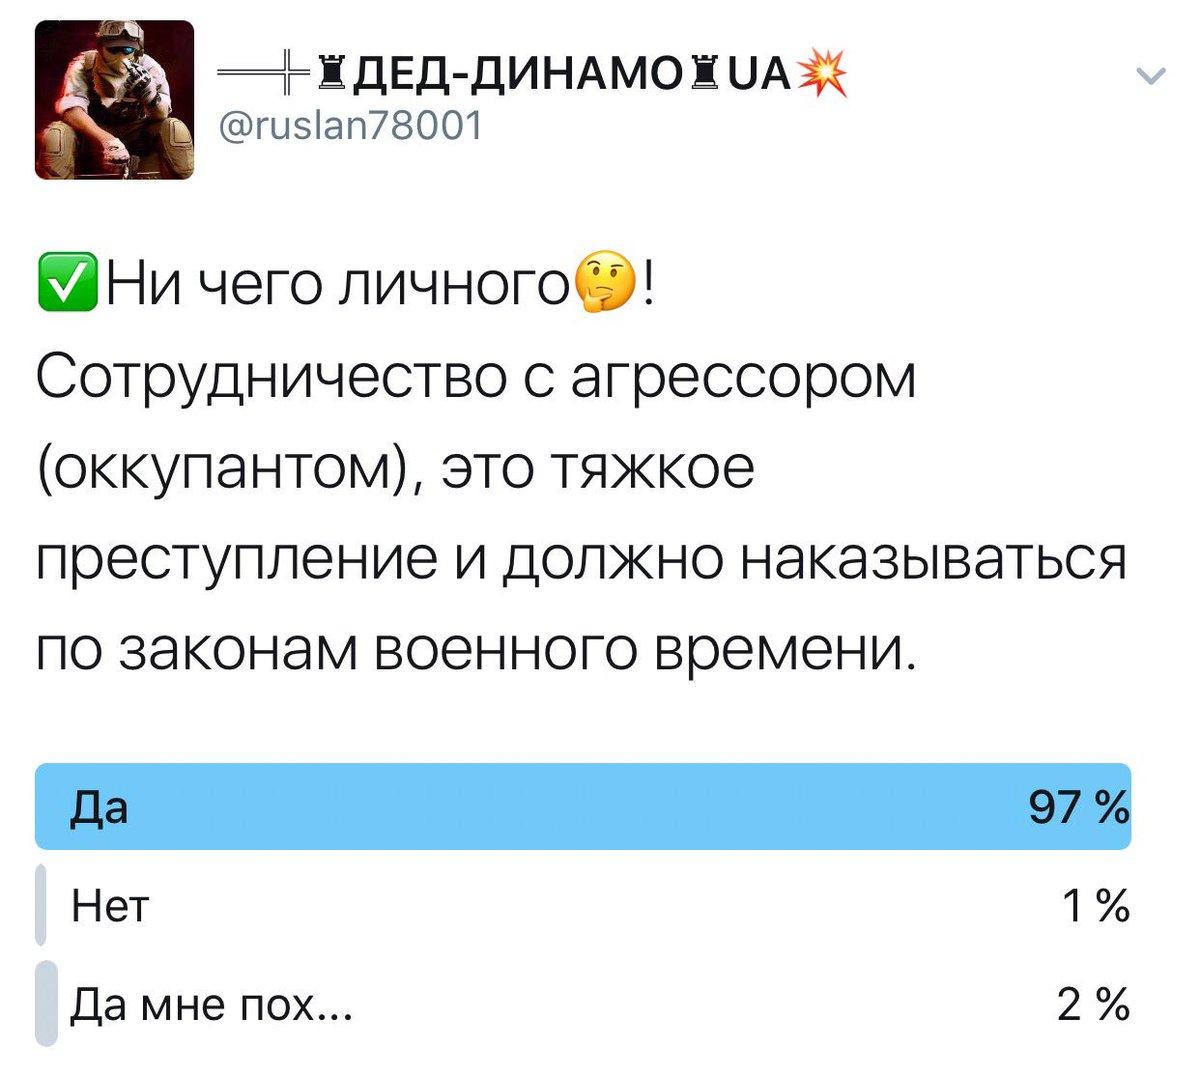 Піар на крові. «Самопоміч» проявилася в роботі на Курченка та Путіна - Цензор.НЕТ 2257